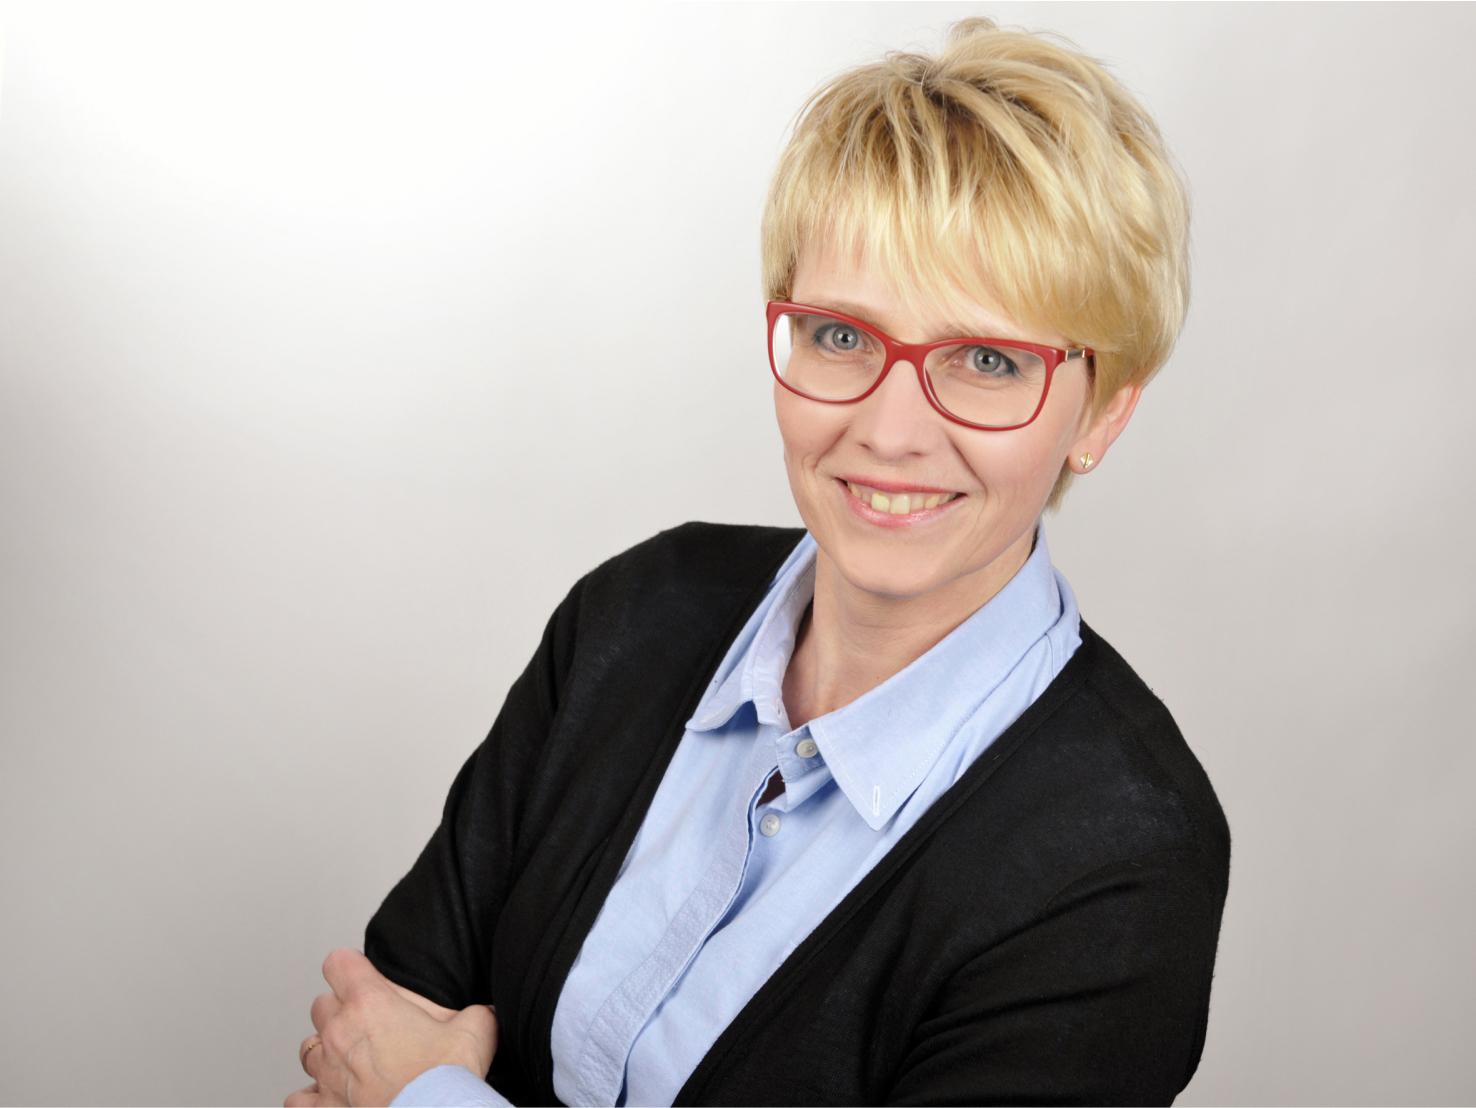 Augenoptisches und optometrisches Zentrum Optik Mattern - Ihr Optiker in Wiesloch und Sandhausen. Birgit Mattern ist Augenoptikermeisterin.